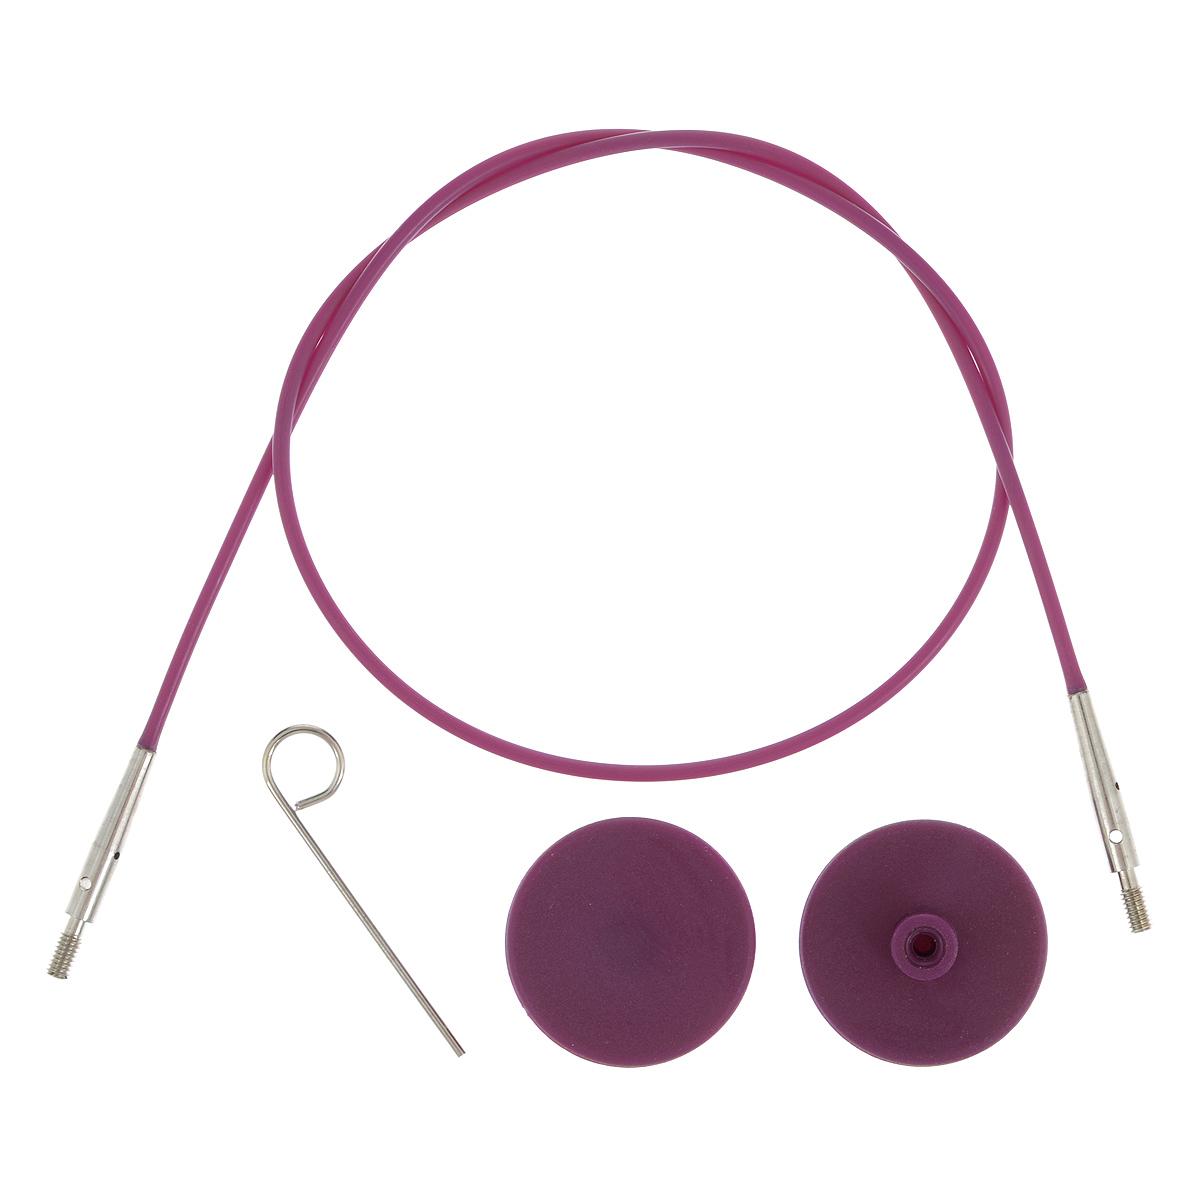 Тросик для съемных спиц KnitPro, с заглушками, цвет: фиолетовый, серебристый, длина 35 см цена